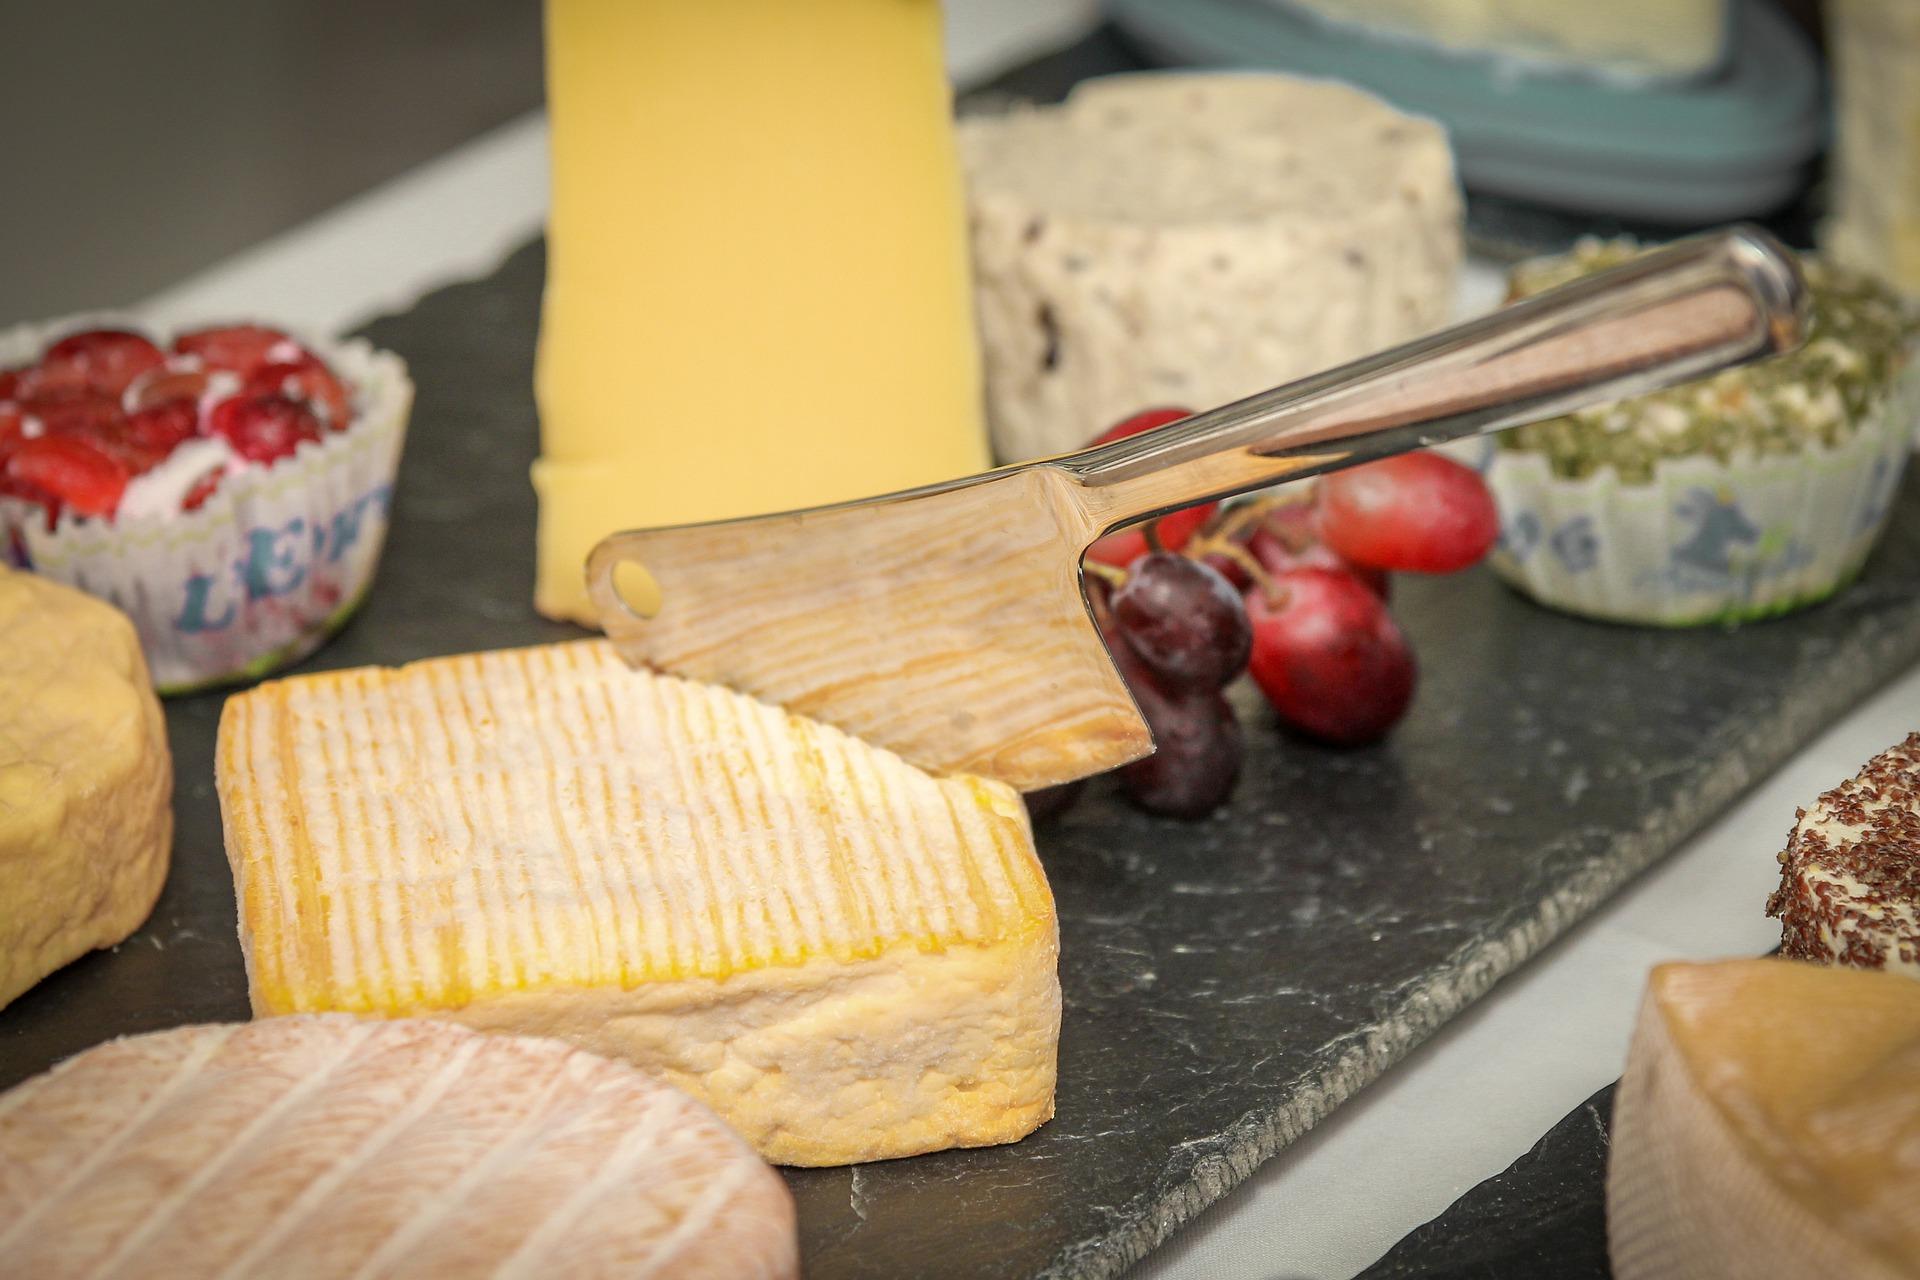 Eine Käseplatte mit unterschiedlichen Käsesorten, einem eckigen Weichkäse steckt ein Käsemesser, das aussieht wie ein Beil.